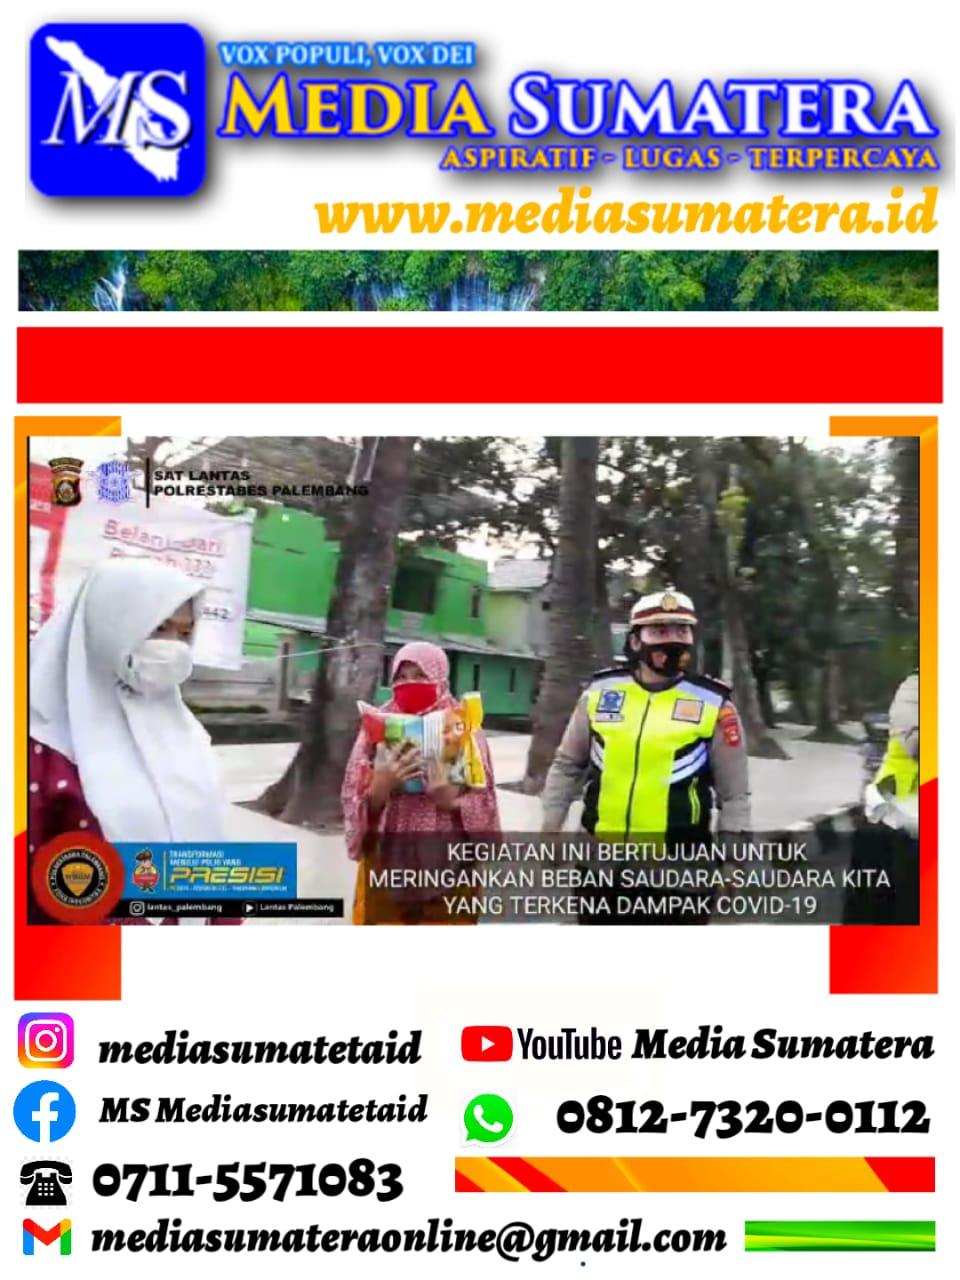 Sat Lantas Polrestabes Palembang Bakti Sosial Bagikan 100 Karung Beras Kepada Sebagian Masyarakat Yang Kurang Mampu Di Kota Palembang